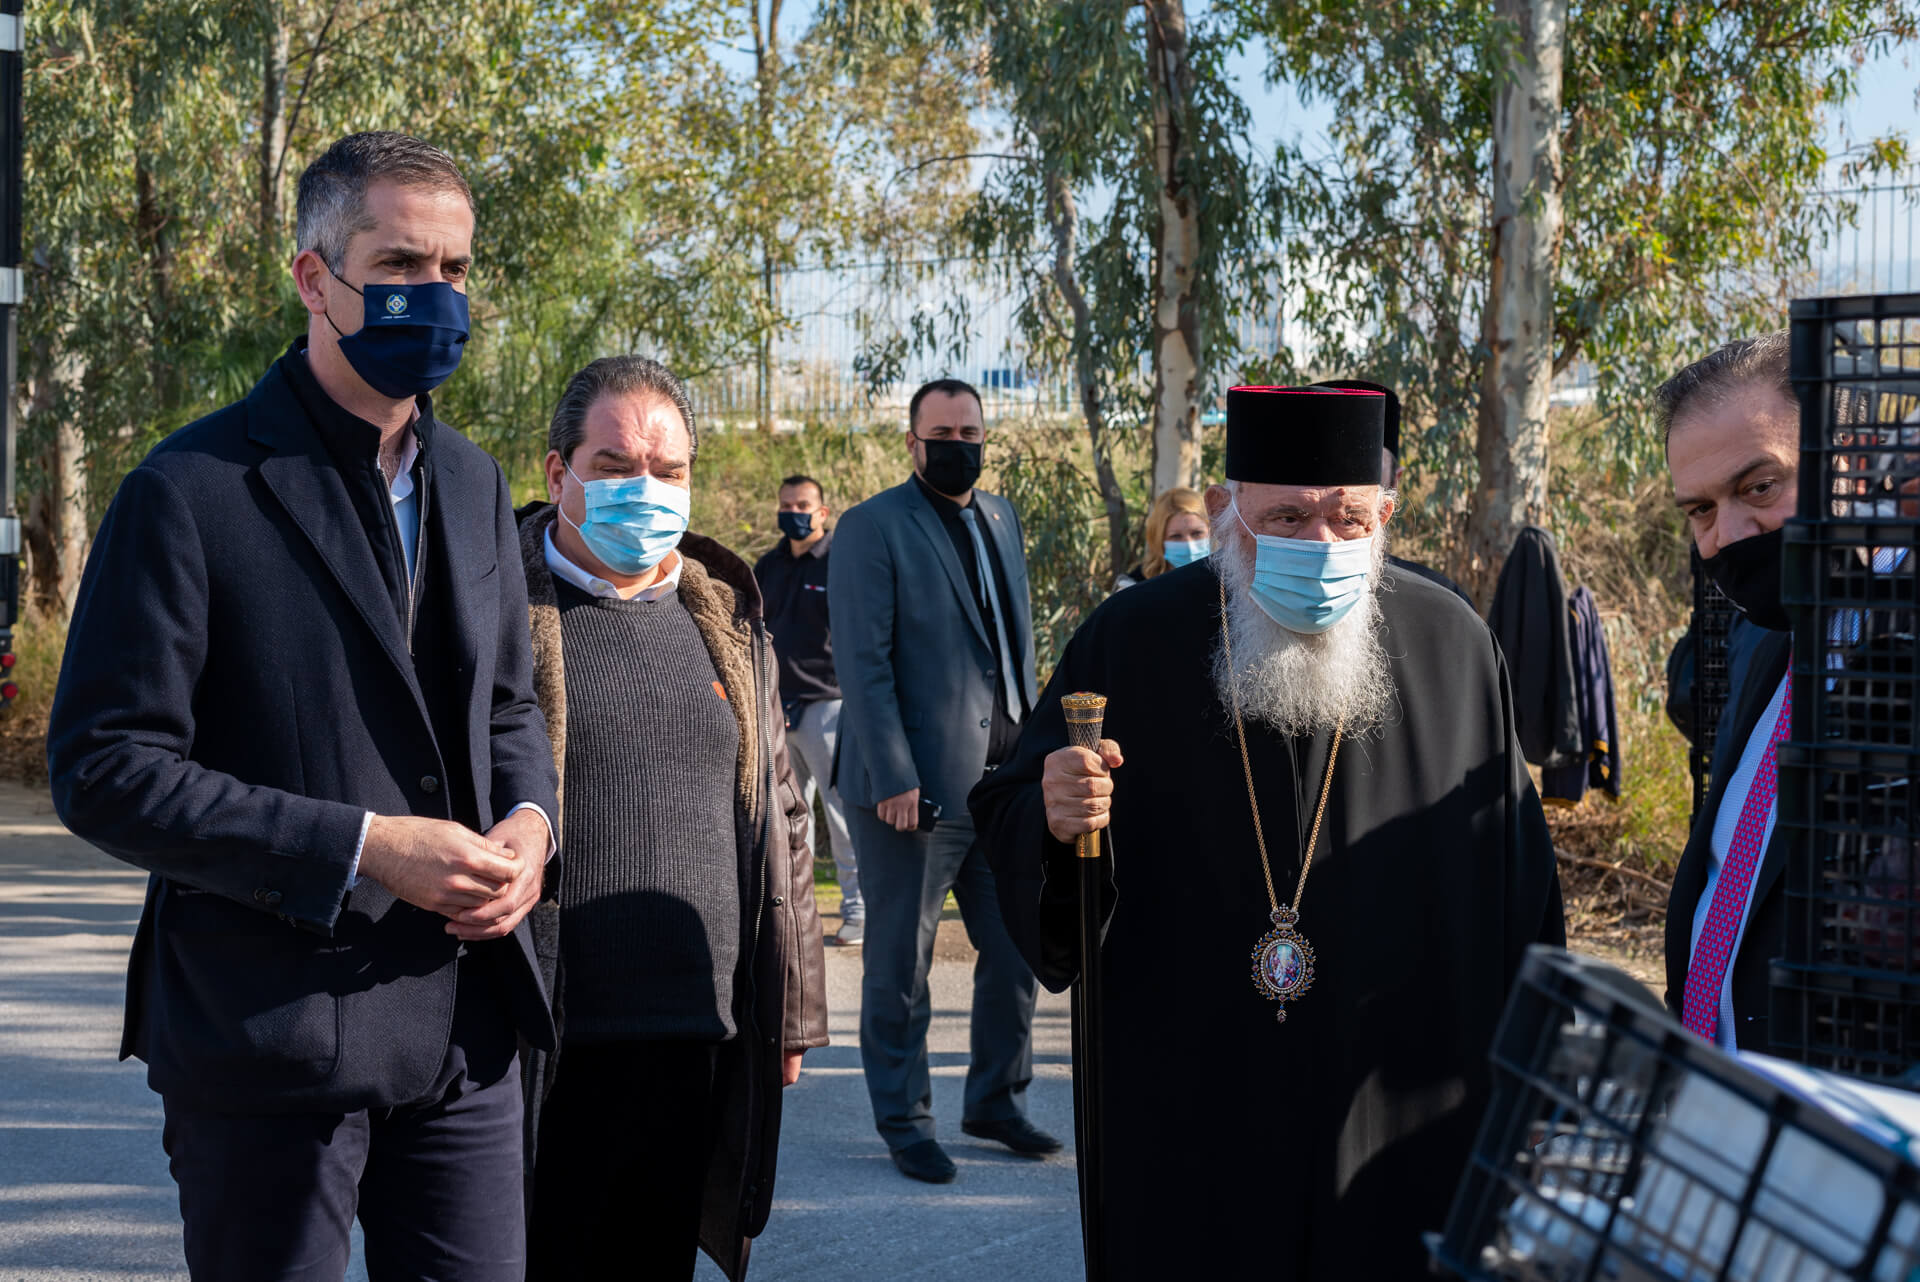 Τρόφιμα, γλυκά και παιχνίδια σε χιλιάδες οικογένειες από τον Δήμο Αθηναίων σε συνεργασία με την Αρχιεπισκοπή Αθηνών και την «Αποστολή»